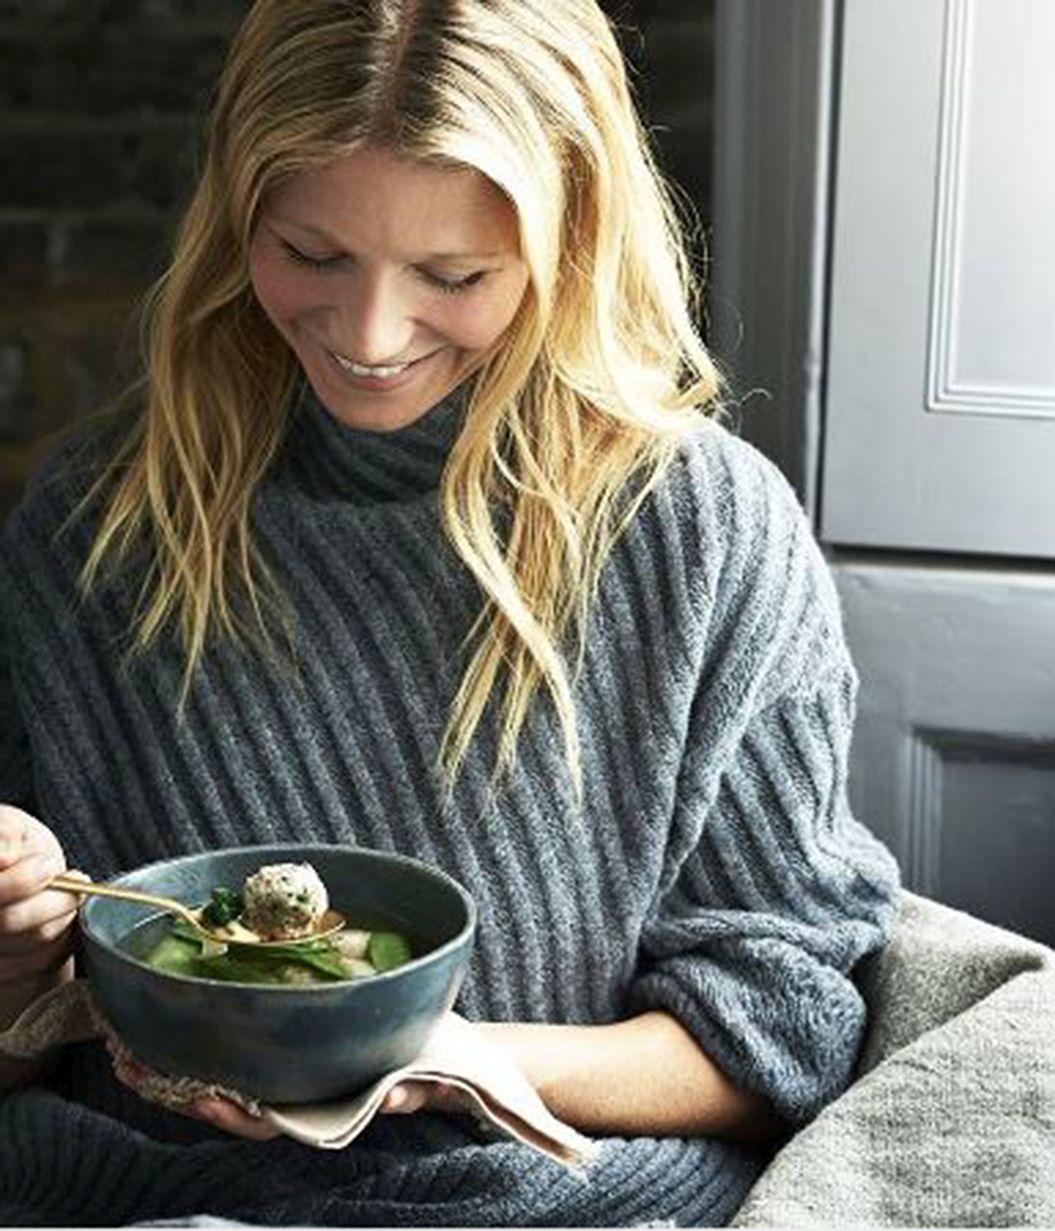 Gwyneth Paltrow disfrutando de una comida saludable.